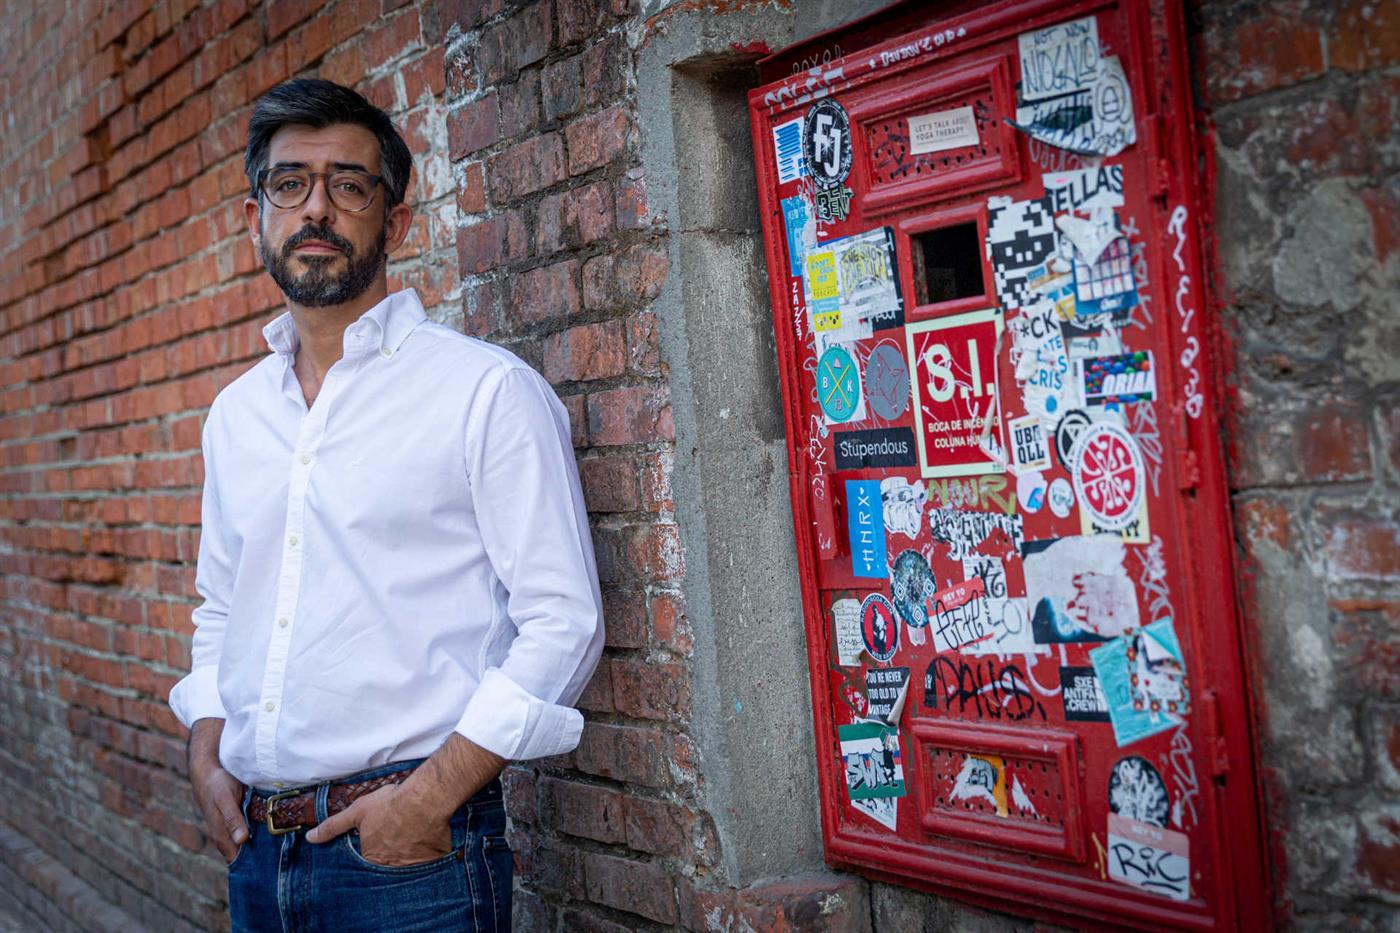 Diogo Noivo, investigador de segurança e terrorismo